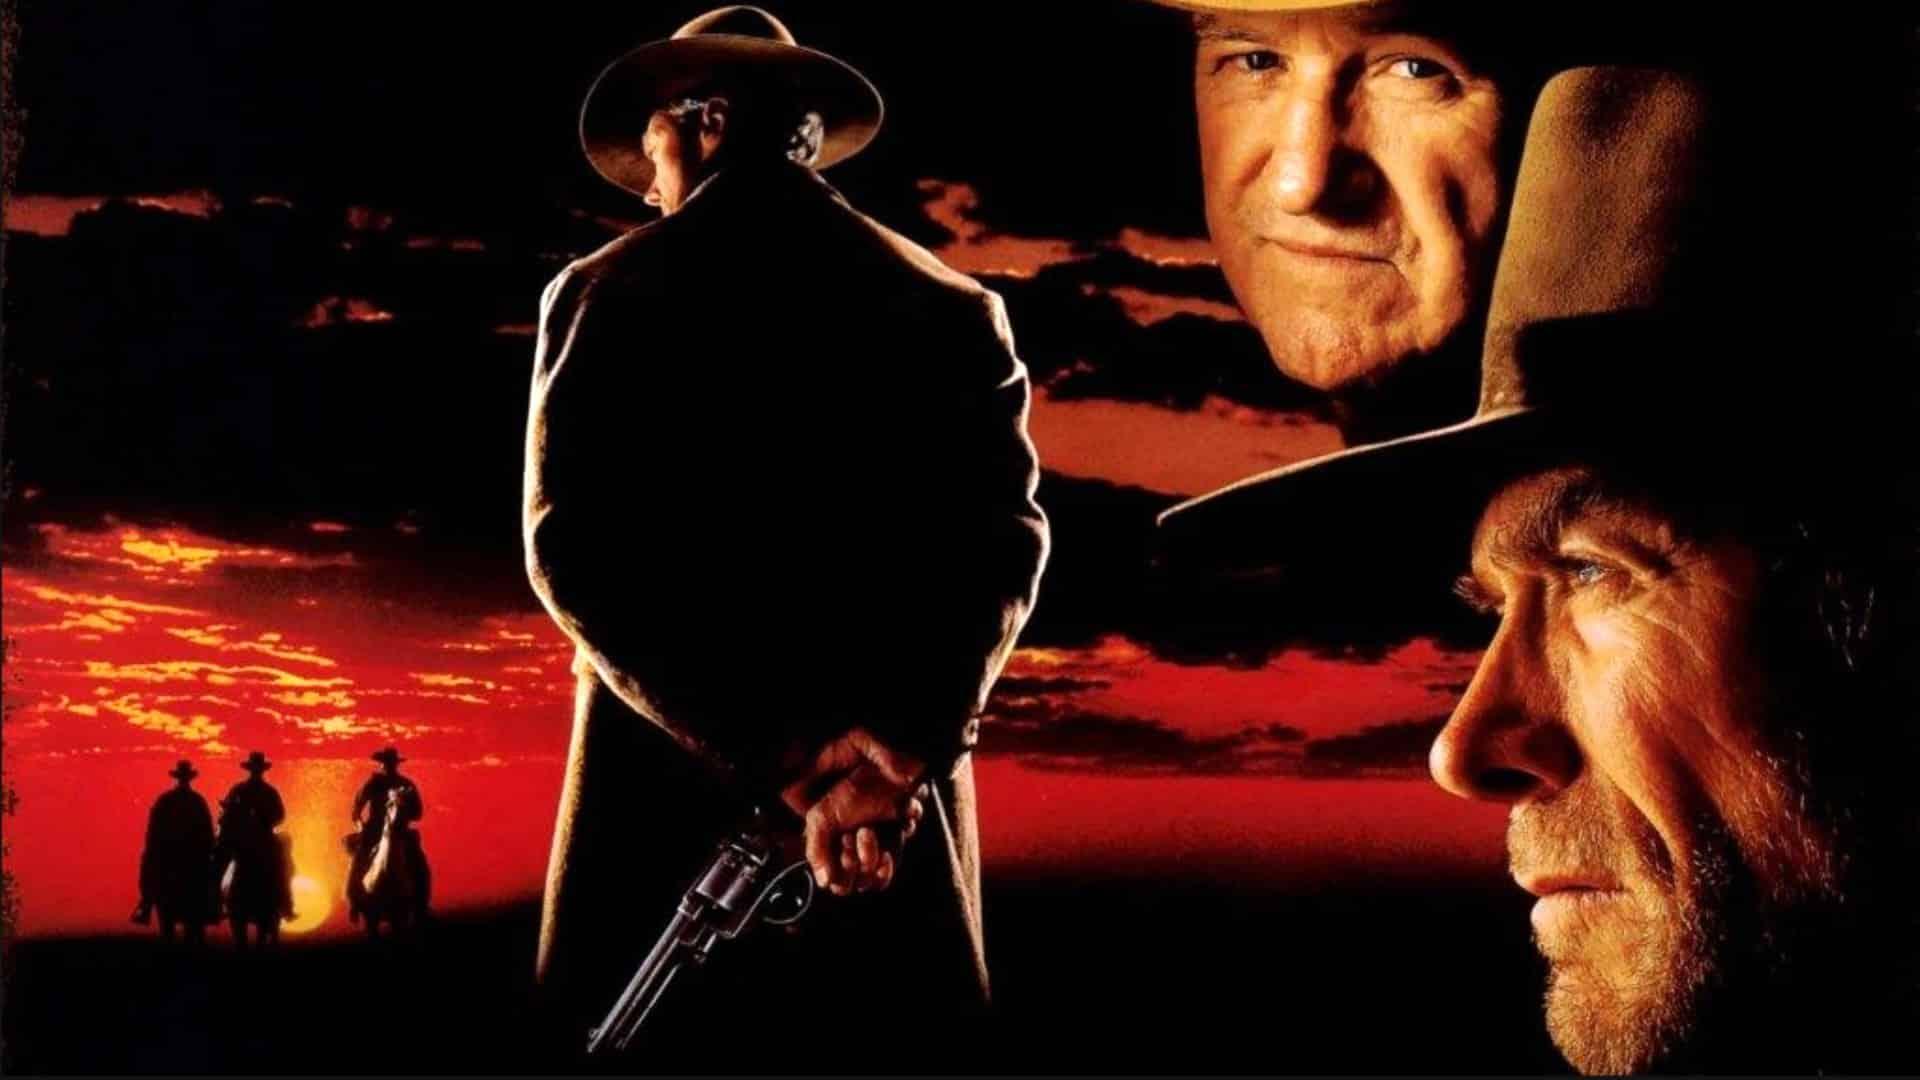 Gli spietati: recensione del film di Clint Eastwood - Cinematographe.it